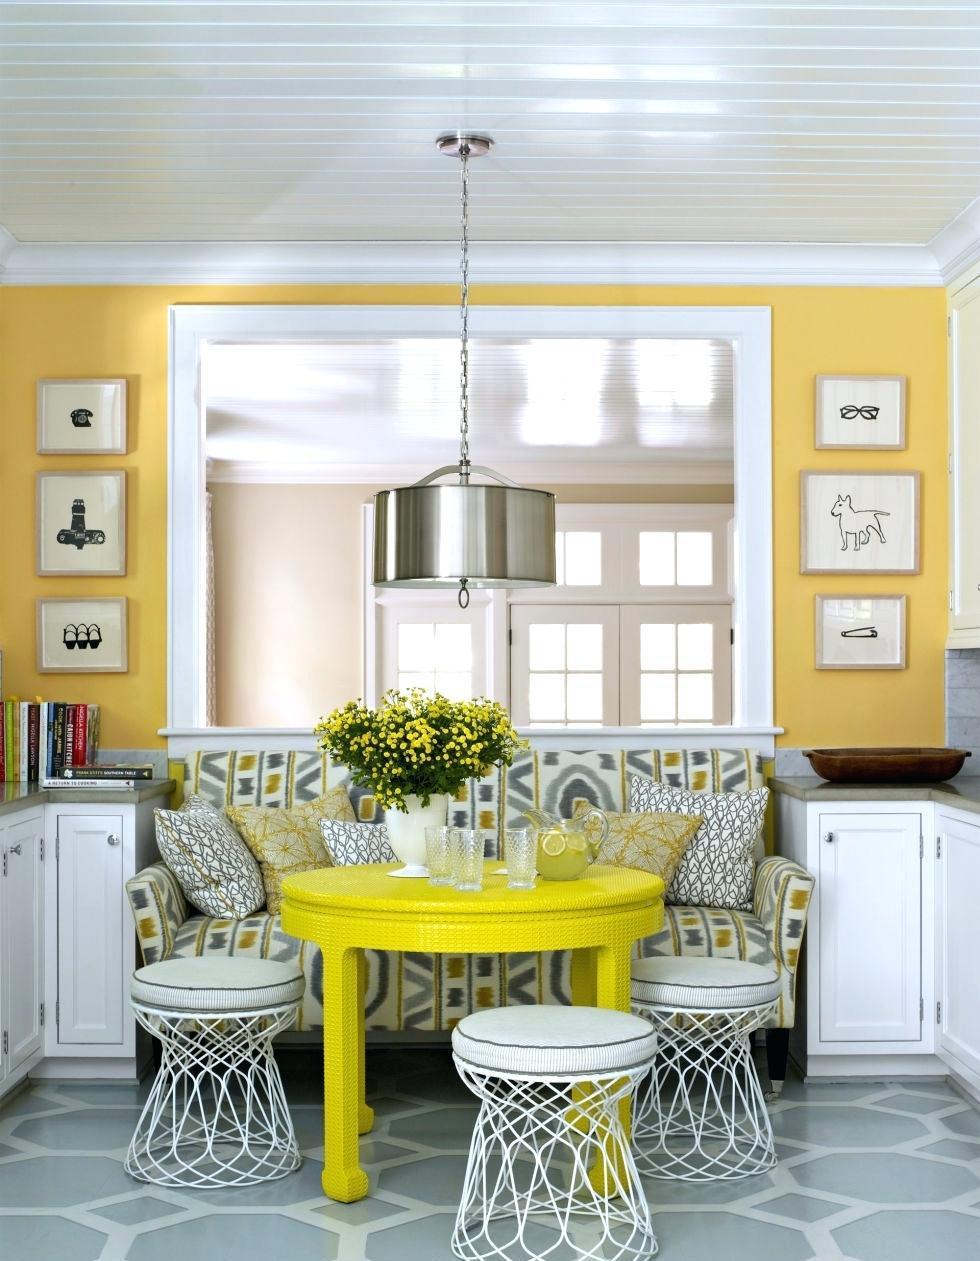 Белые стулья вокруг желтого стола